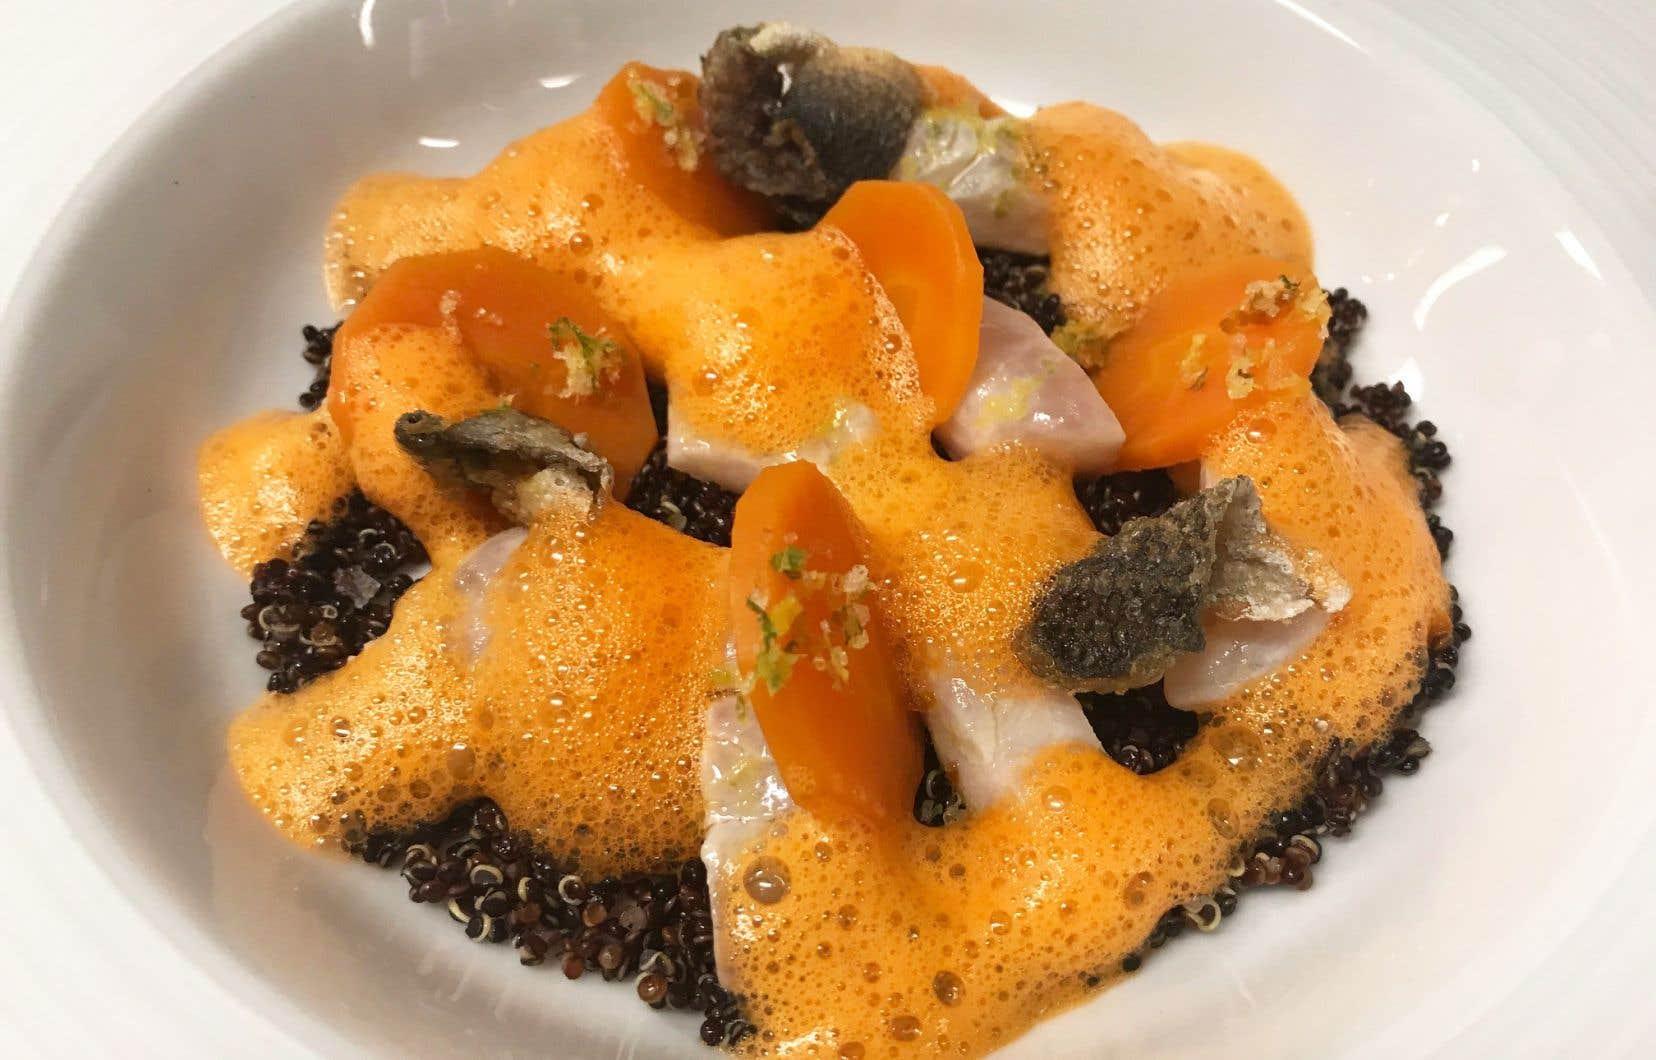 Déposer la dorade marinée, puis les rondelles de carottes